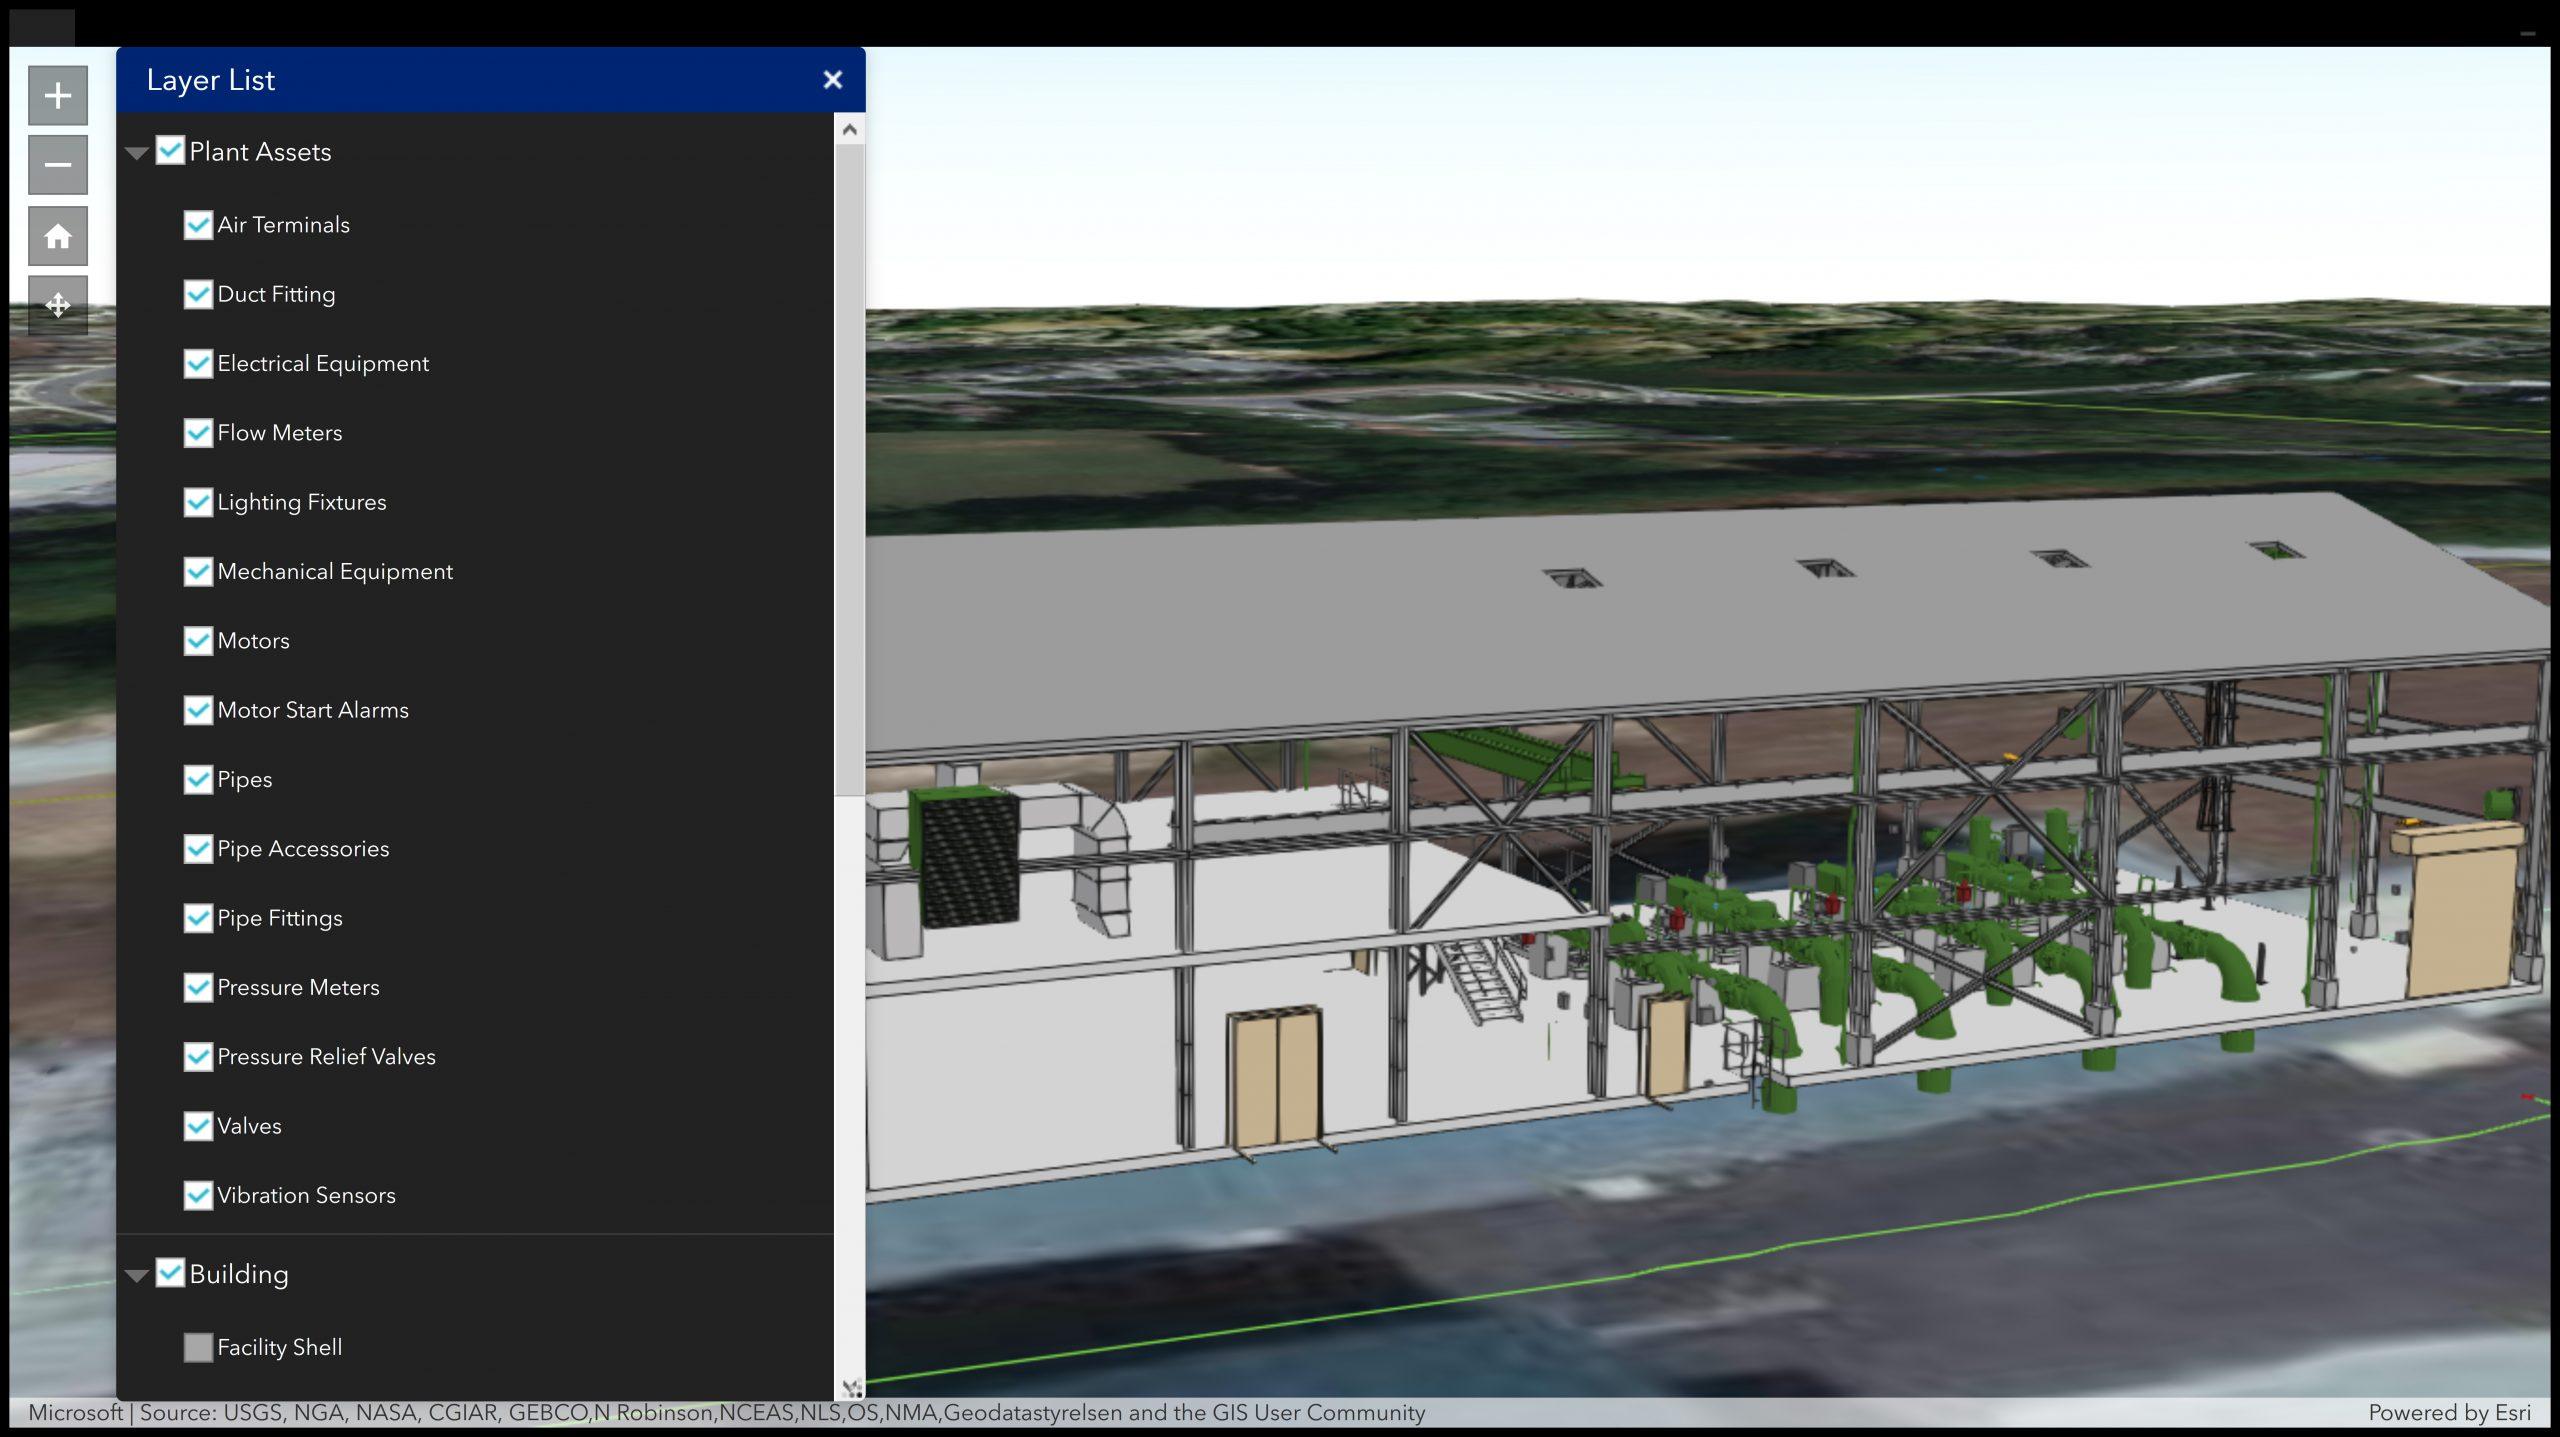 Water 3D Vertical Asset Inventory